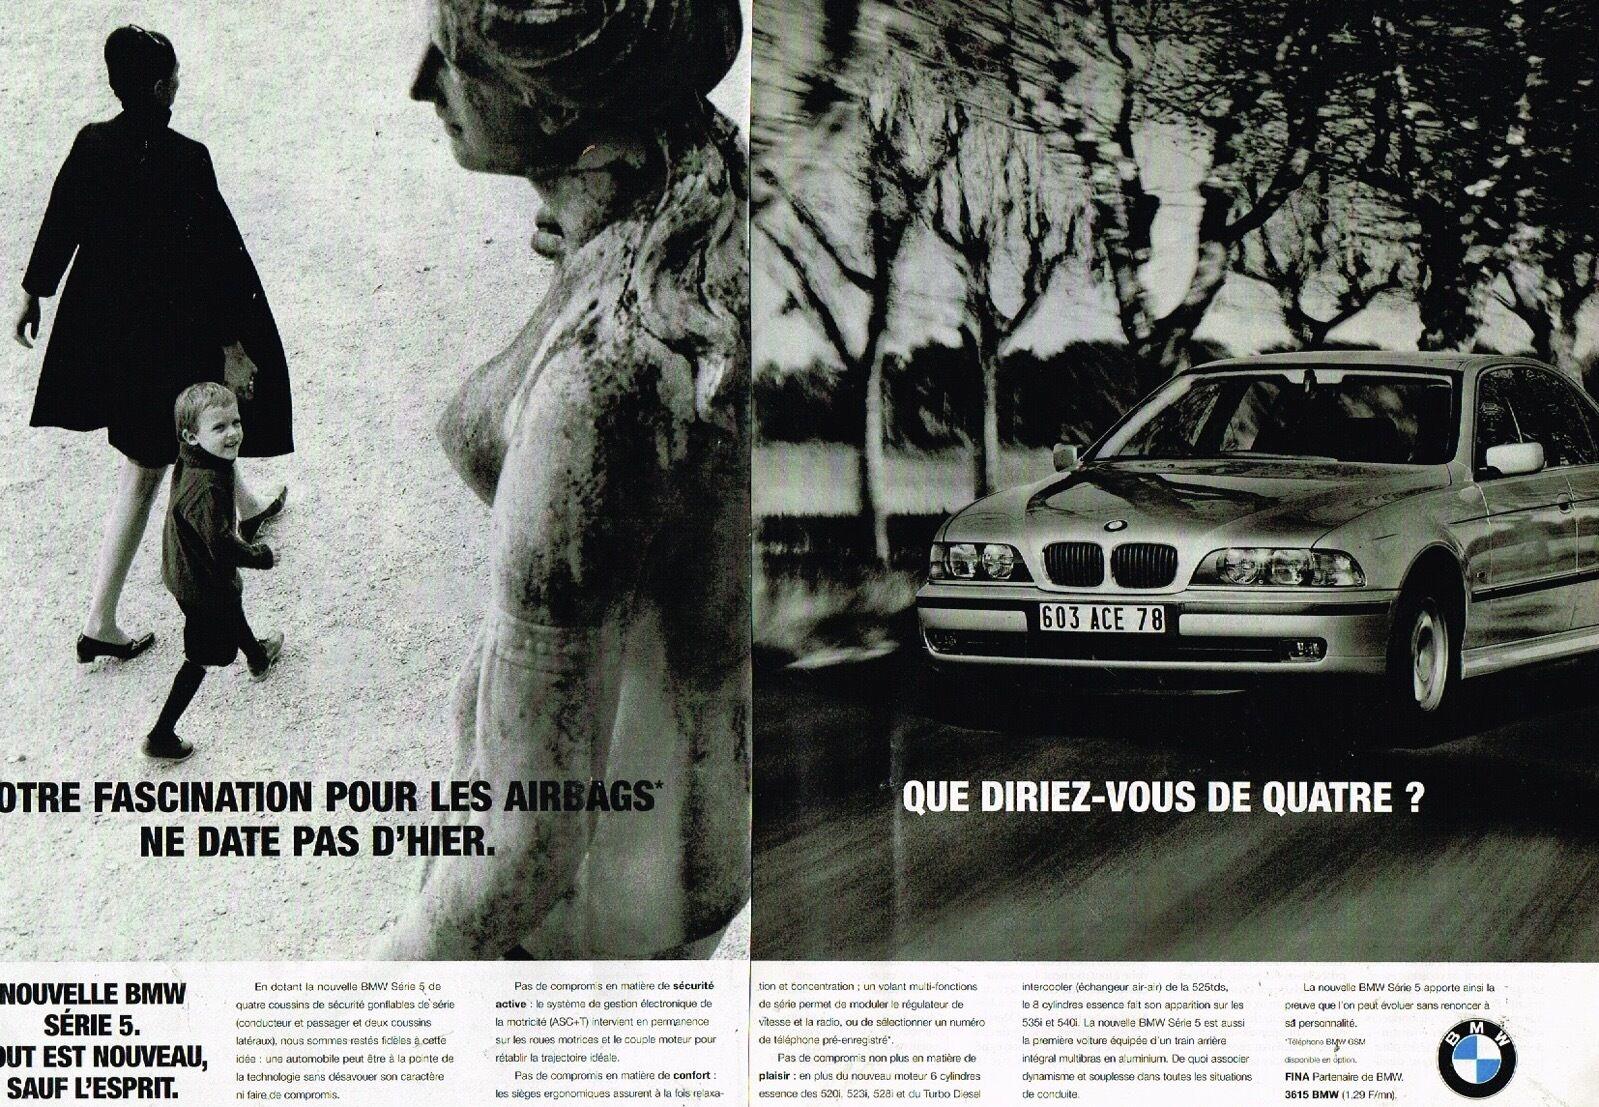 1996 Nouvelle BMW Serie 5